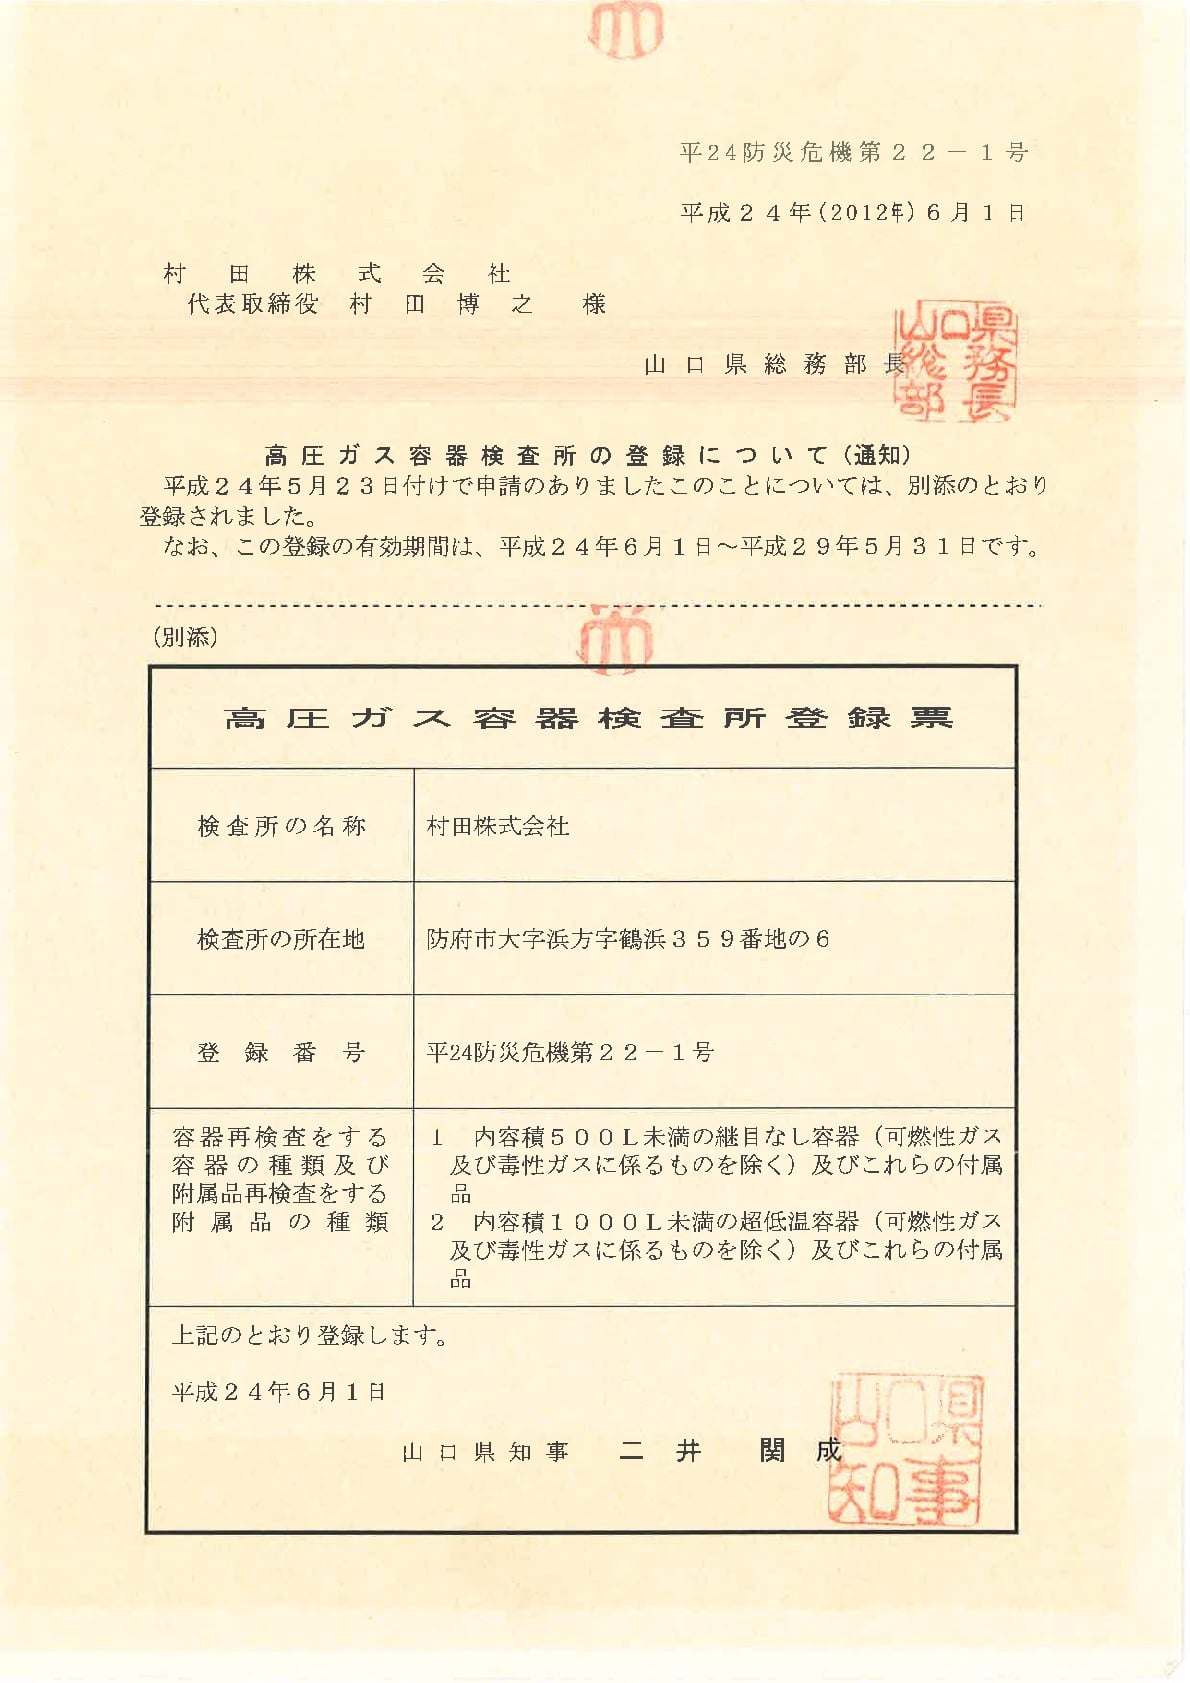 設計の仕事・求人 - 兵庫県 求人ボックス|土木測量